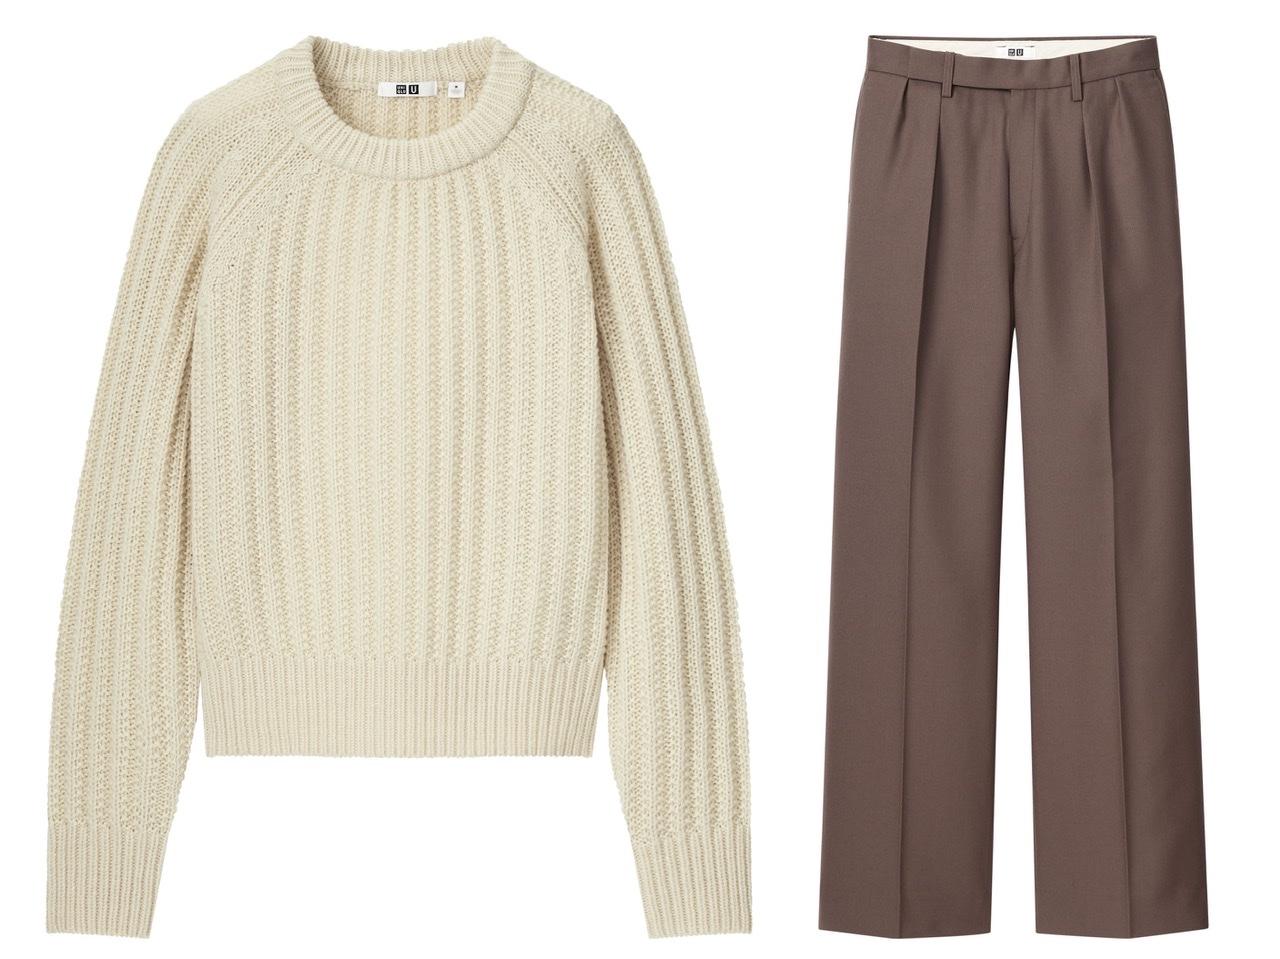 ユニクロユーのセーターとタックパンツ